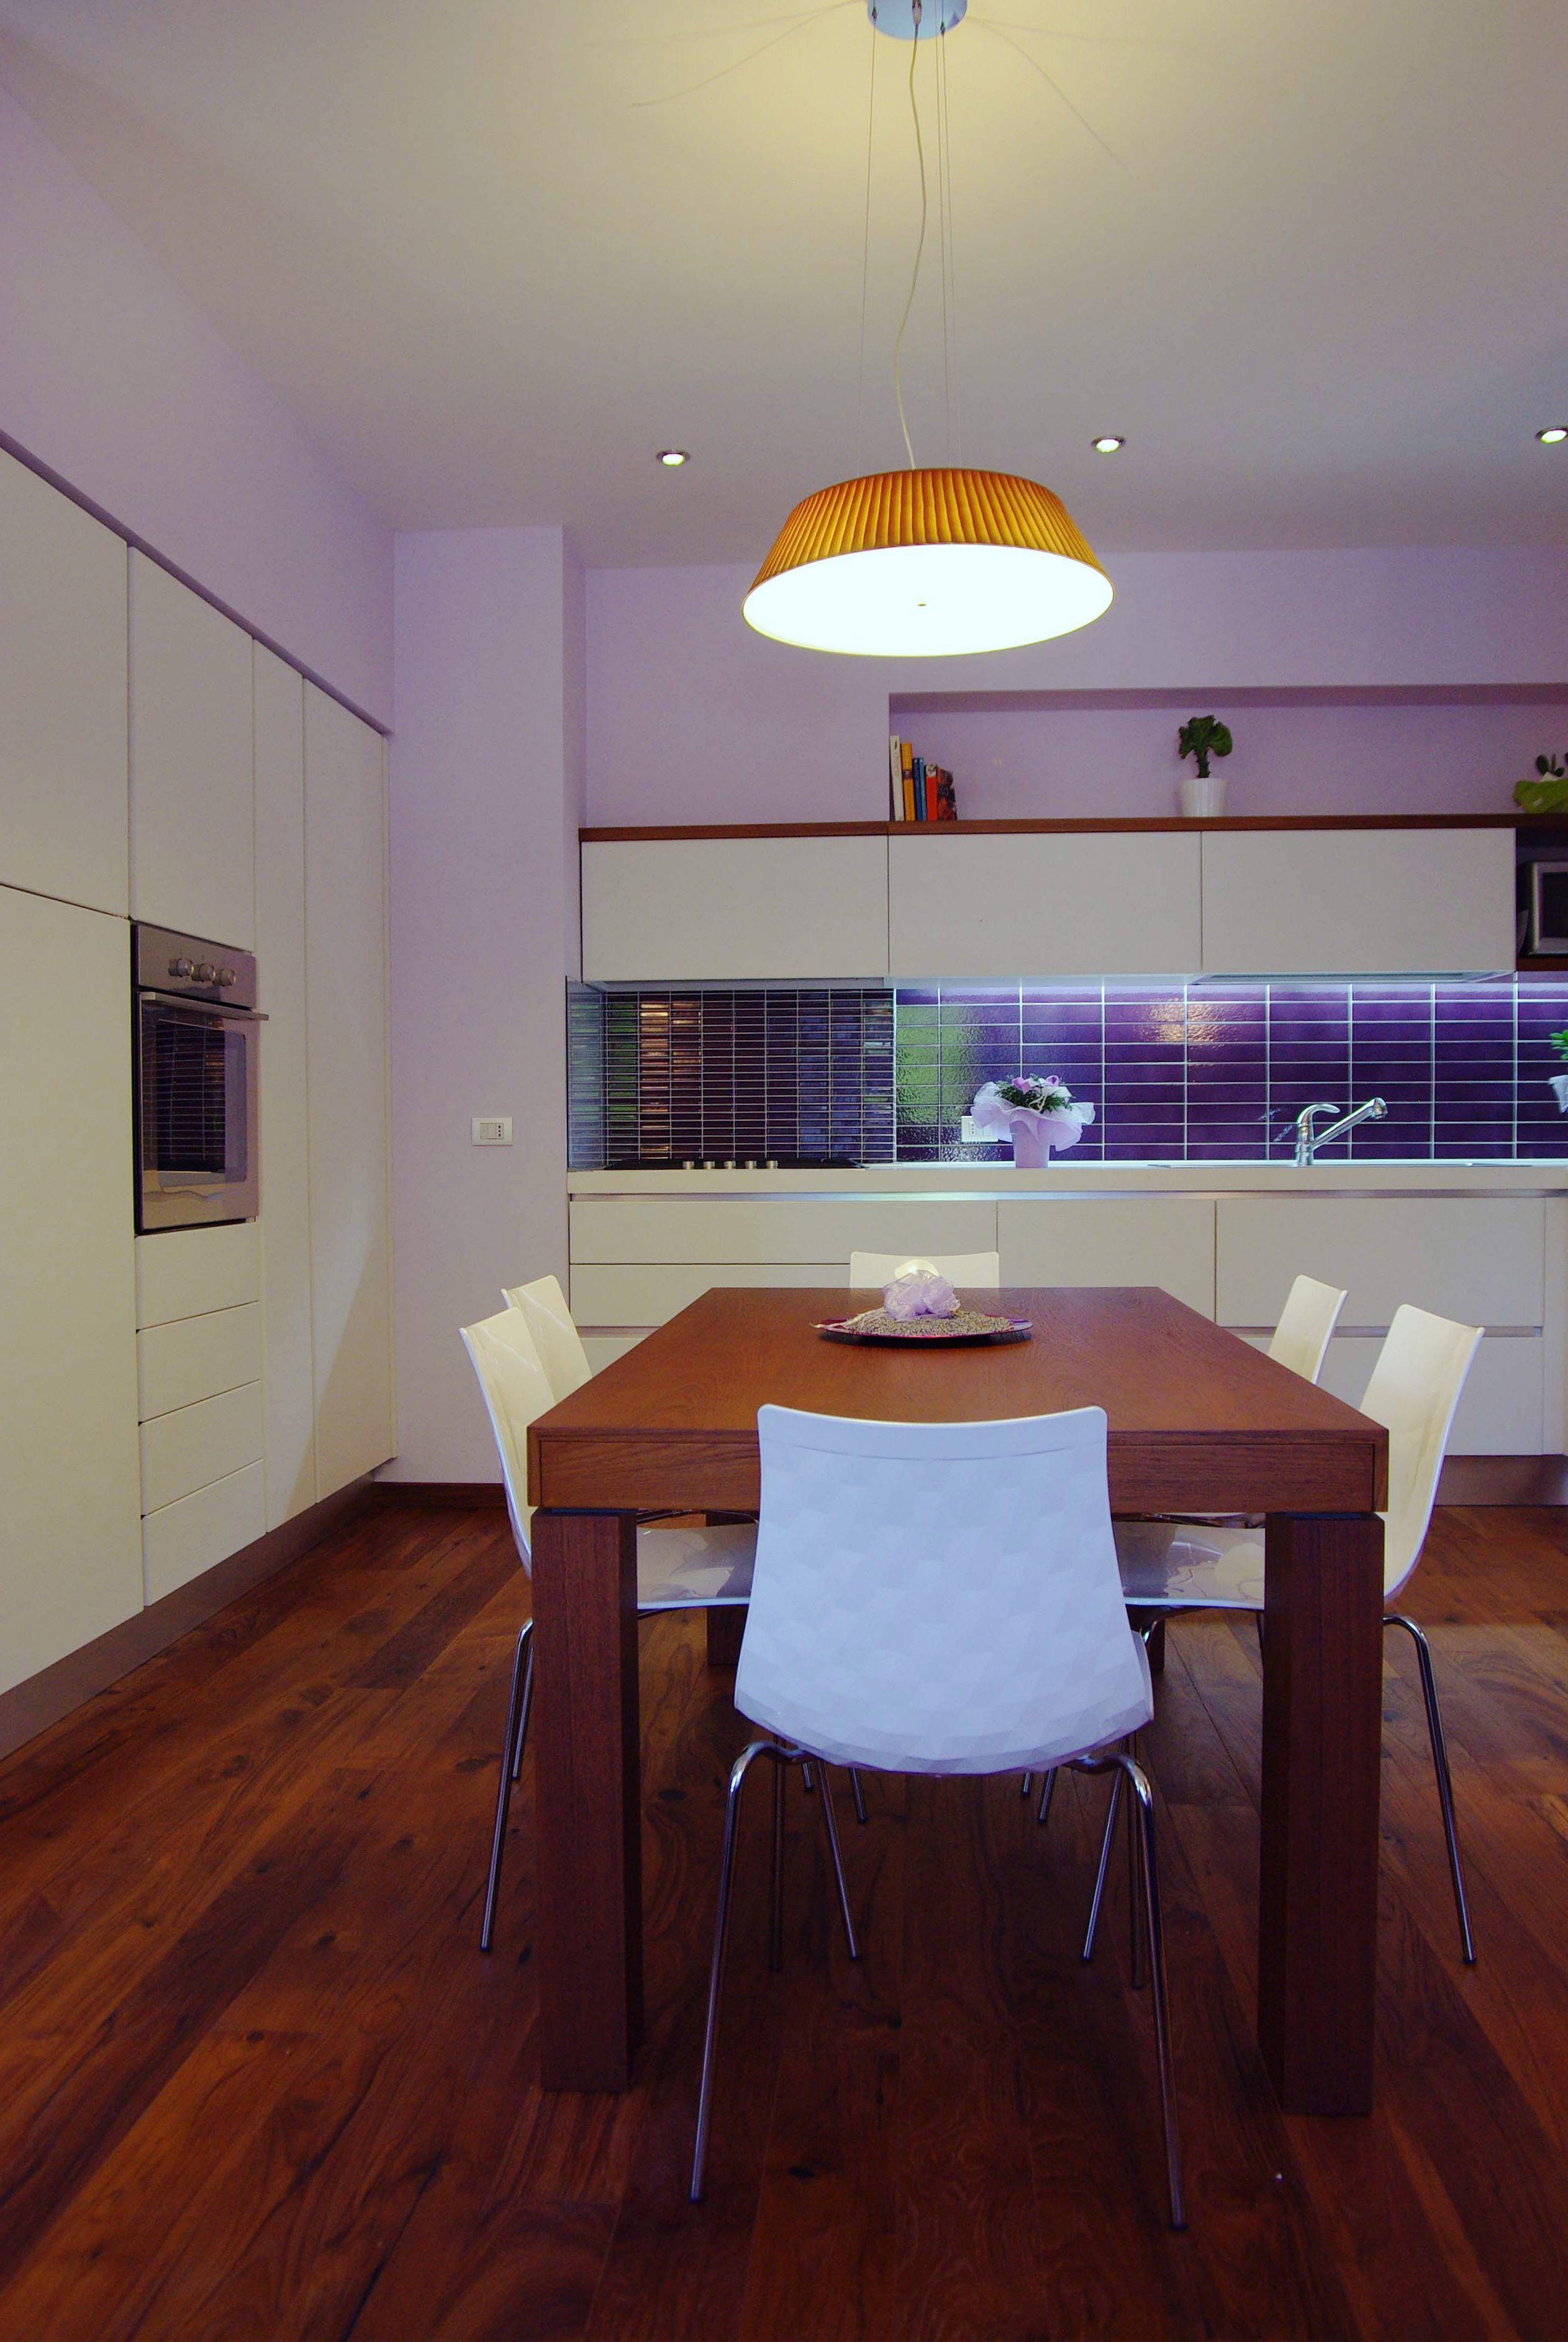 Cucina abitabile laccato bianco latte e tavolo in legno ...